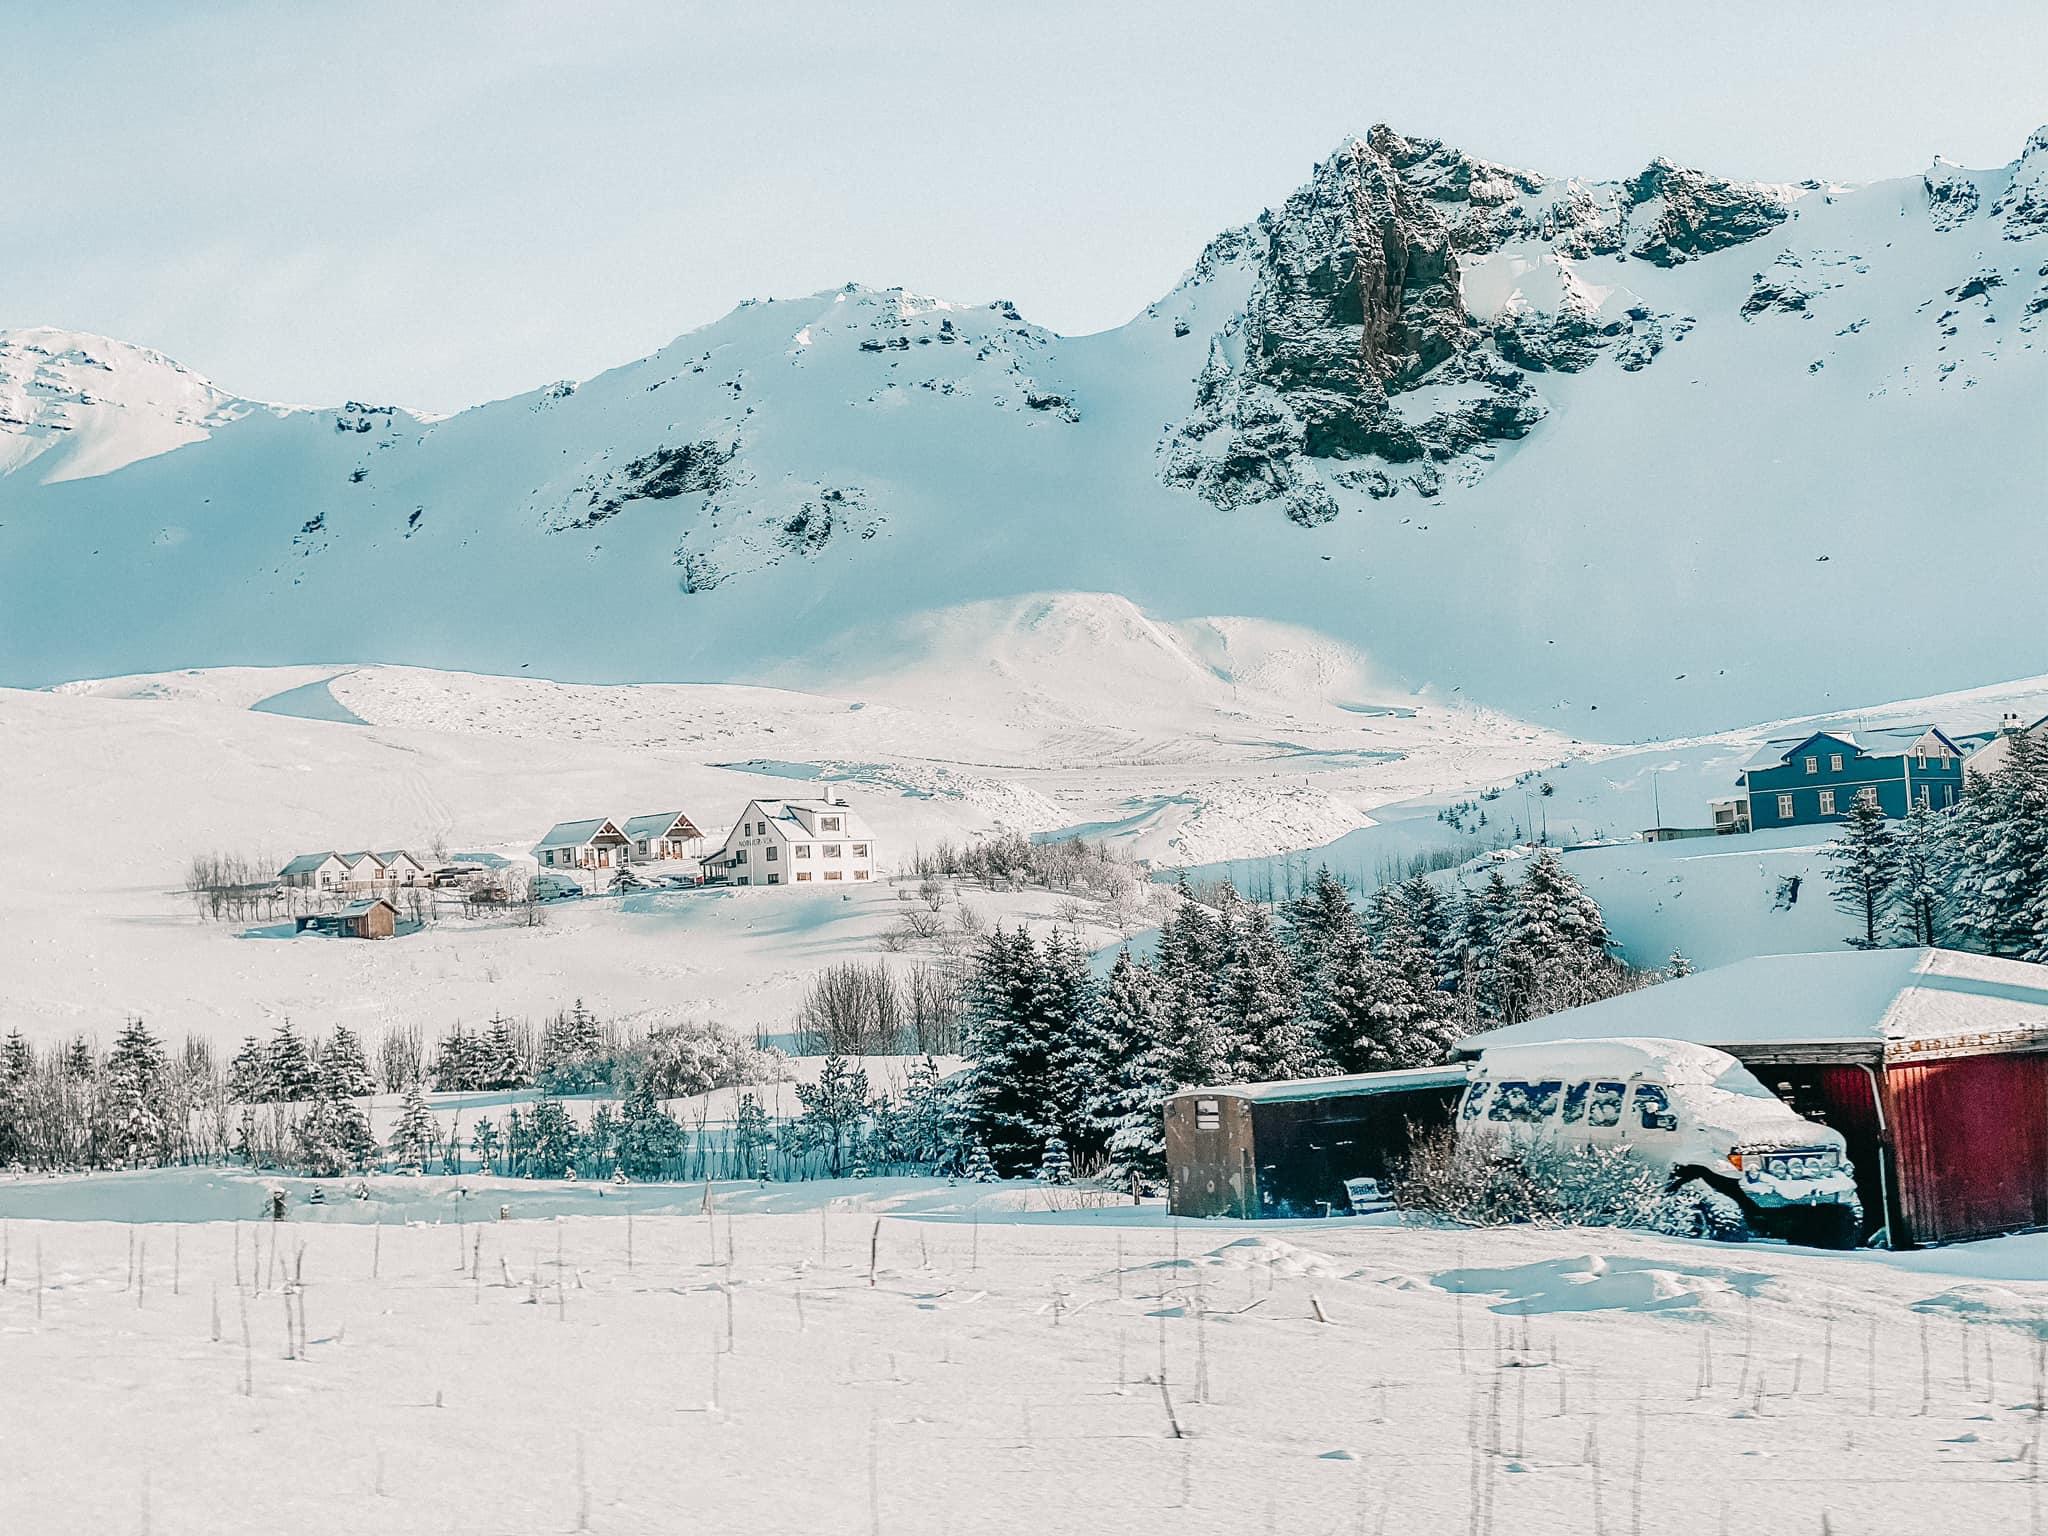 Đường ở Iceland vào mùa đông đi lại khó khăn nên nhóm của Đạt quyết định thuê người lái xe để đảm bảo an toàn, thay vì tự lái. Ảnh: NVCC